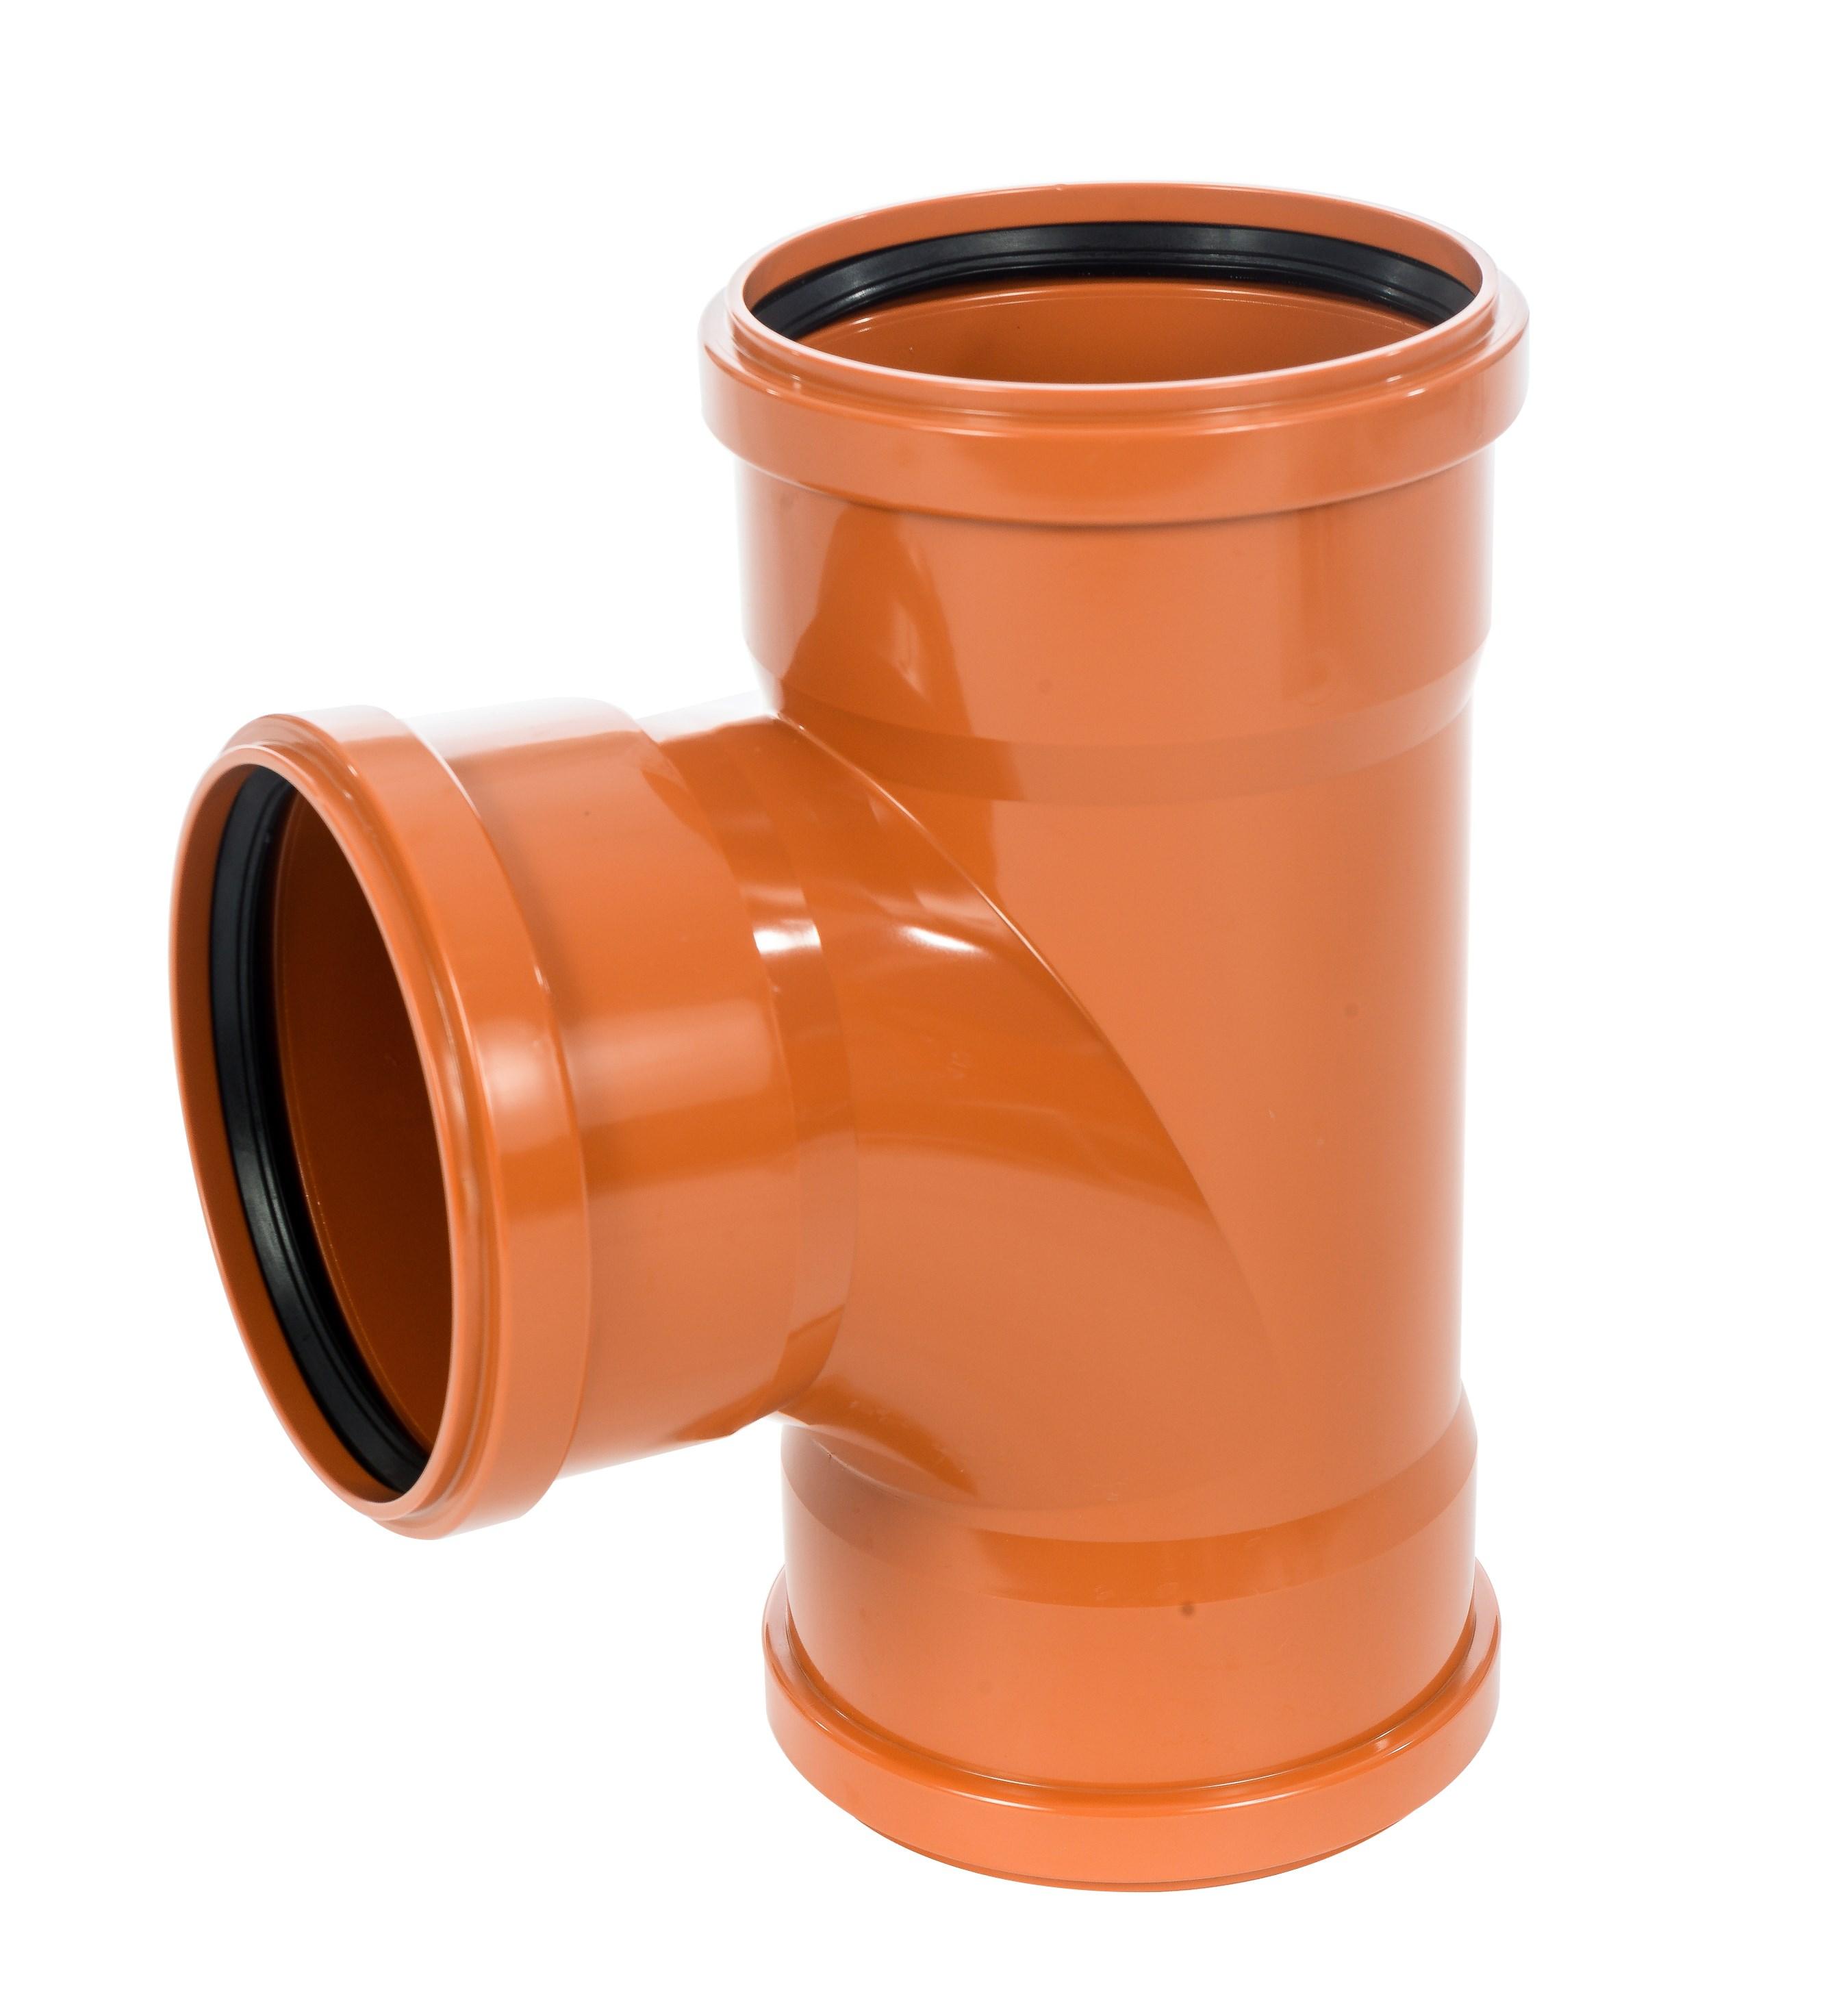 Sewer T 90 degreeree Triple Socket 225x160mm